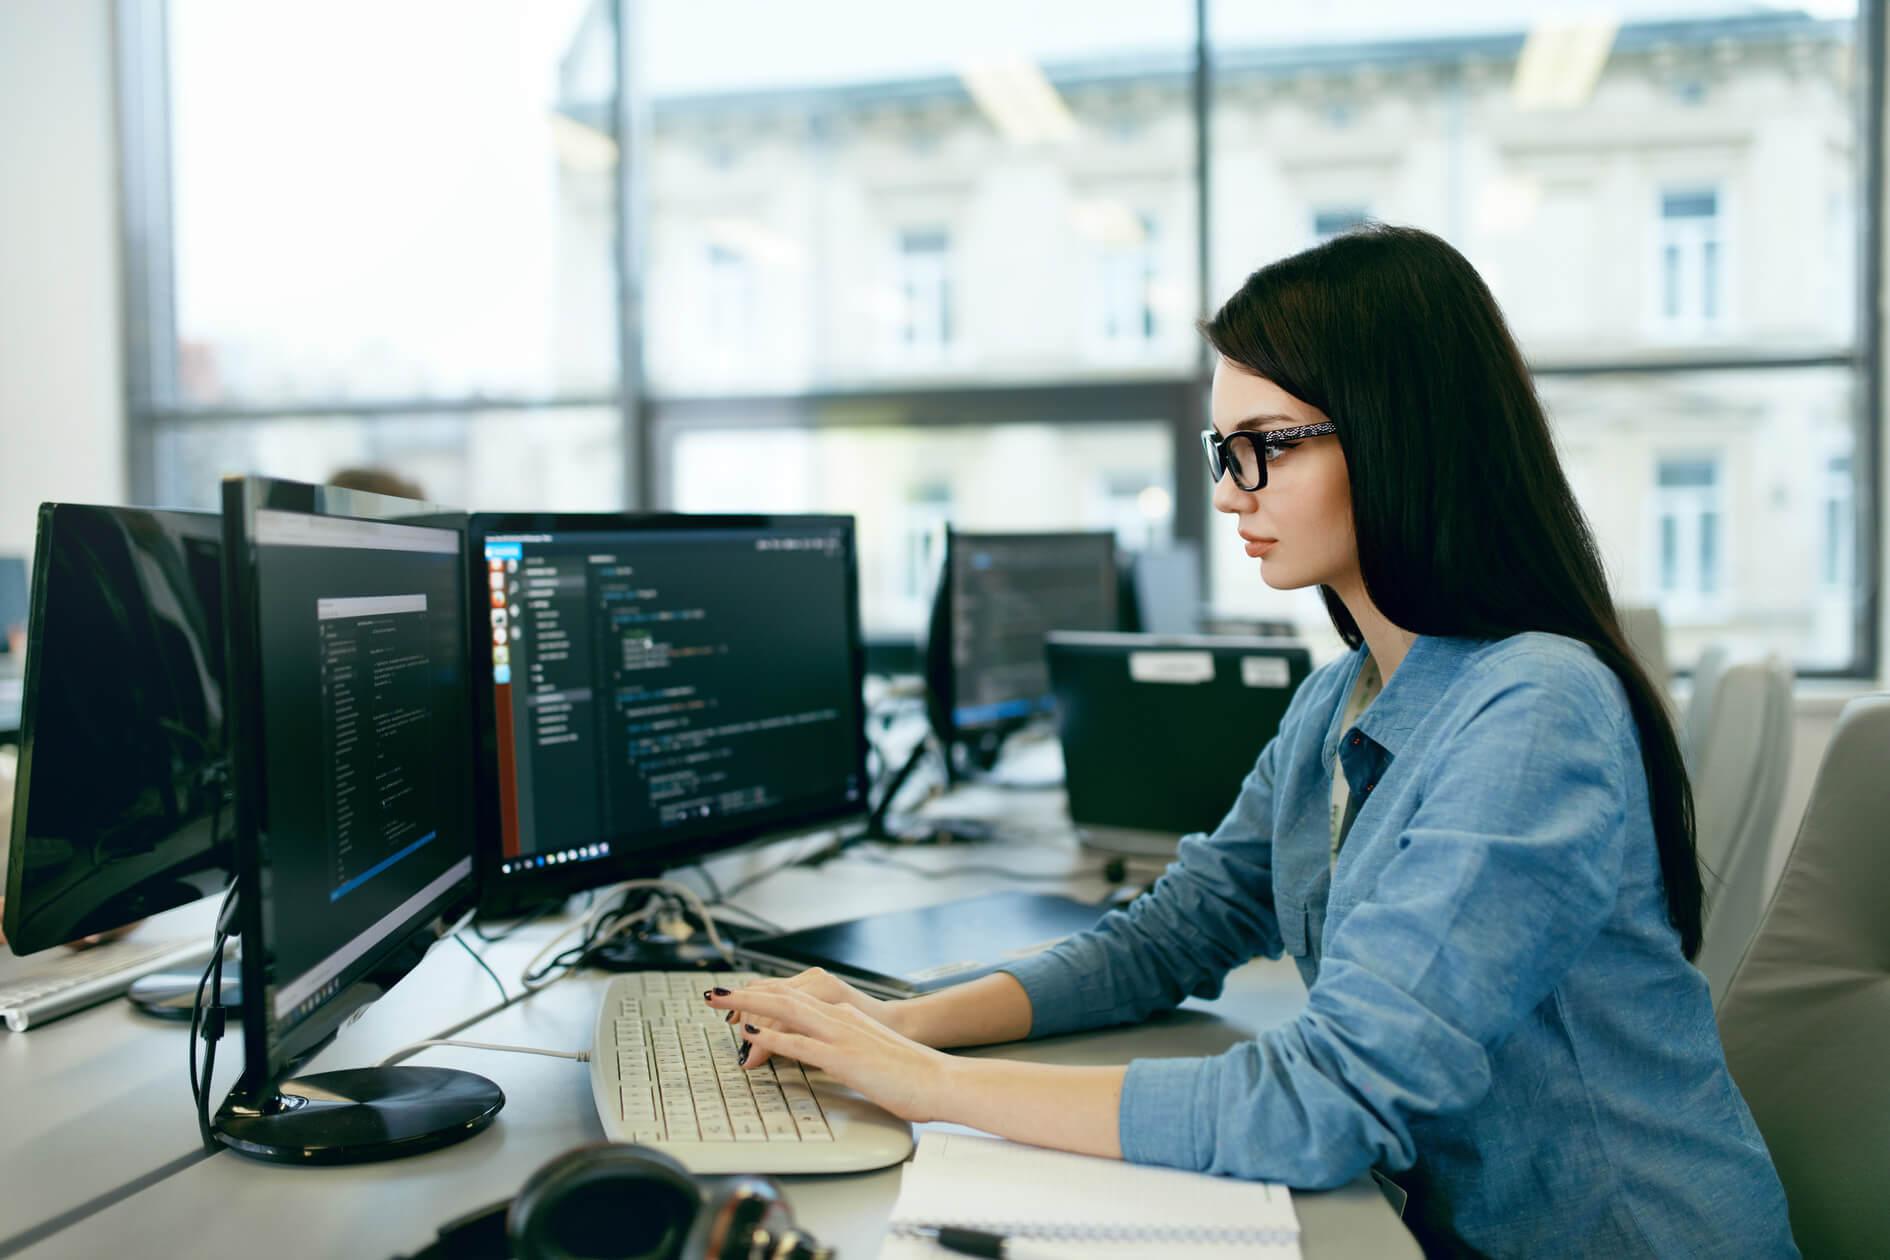 未経験から女性エンジニアを目指そう!知っておきたいメリットや仕事内容を解説